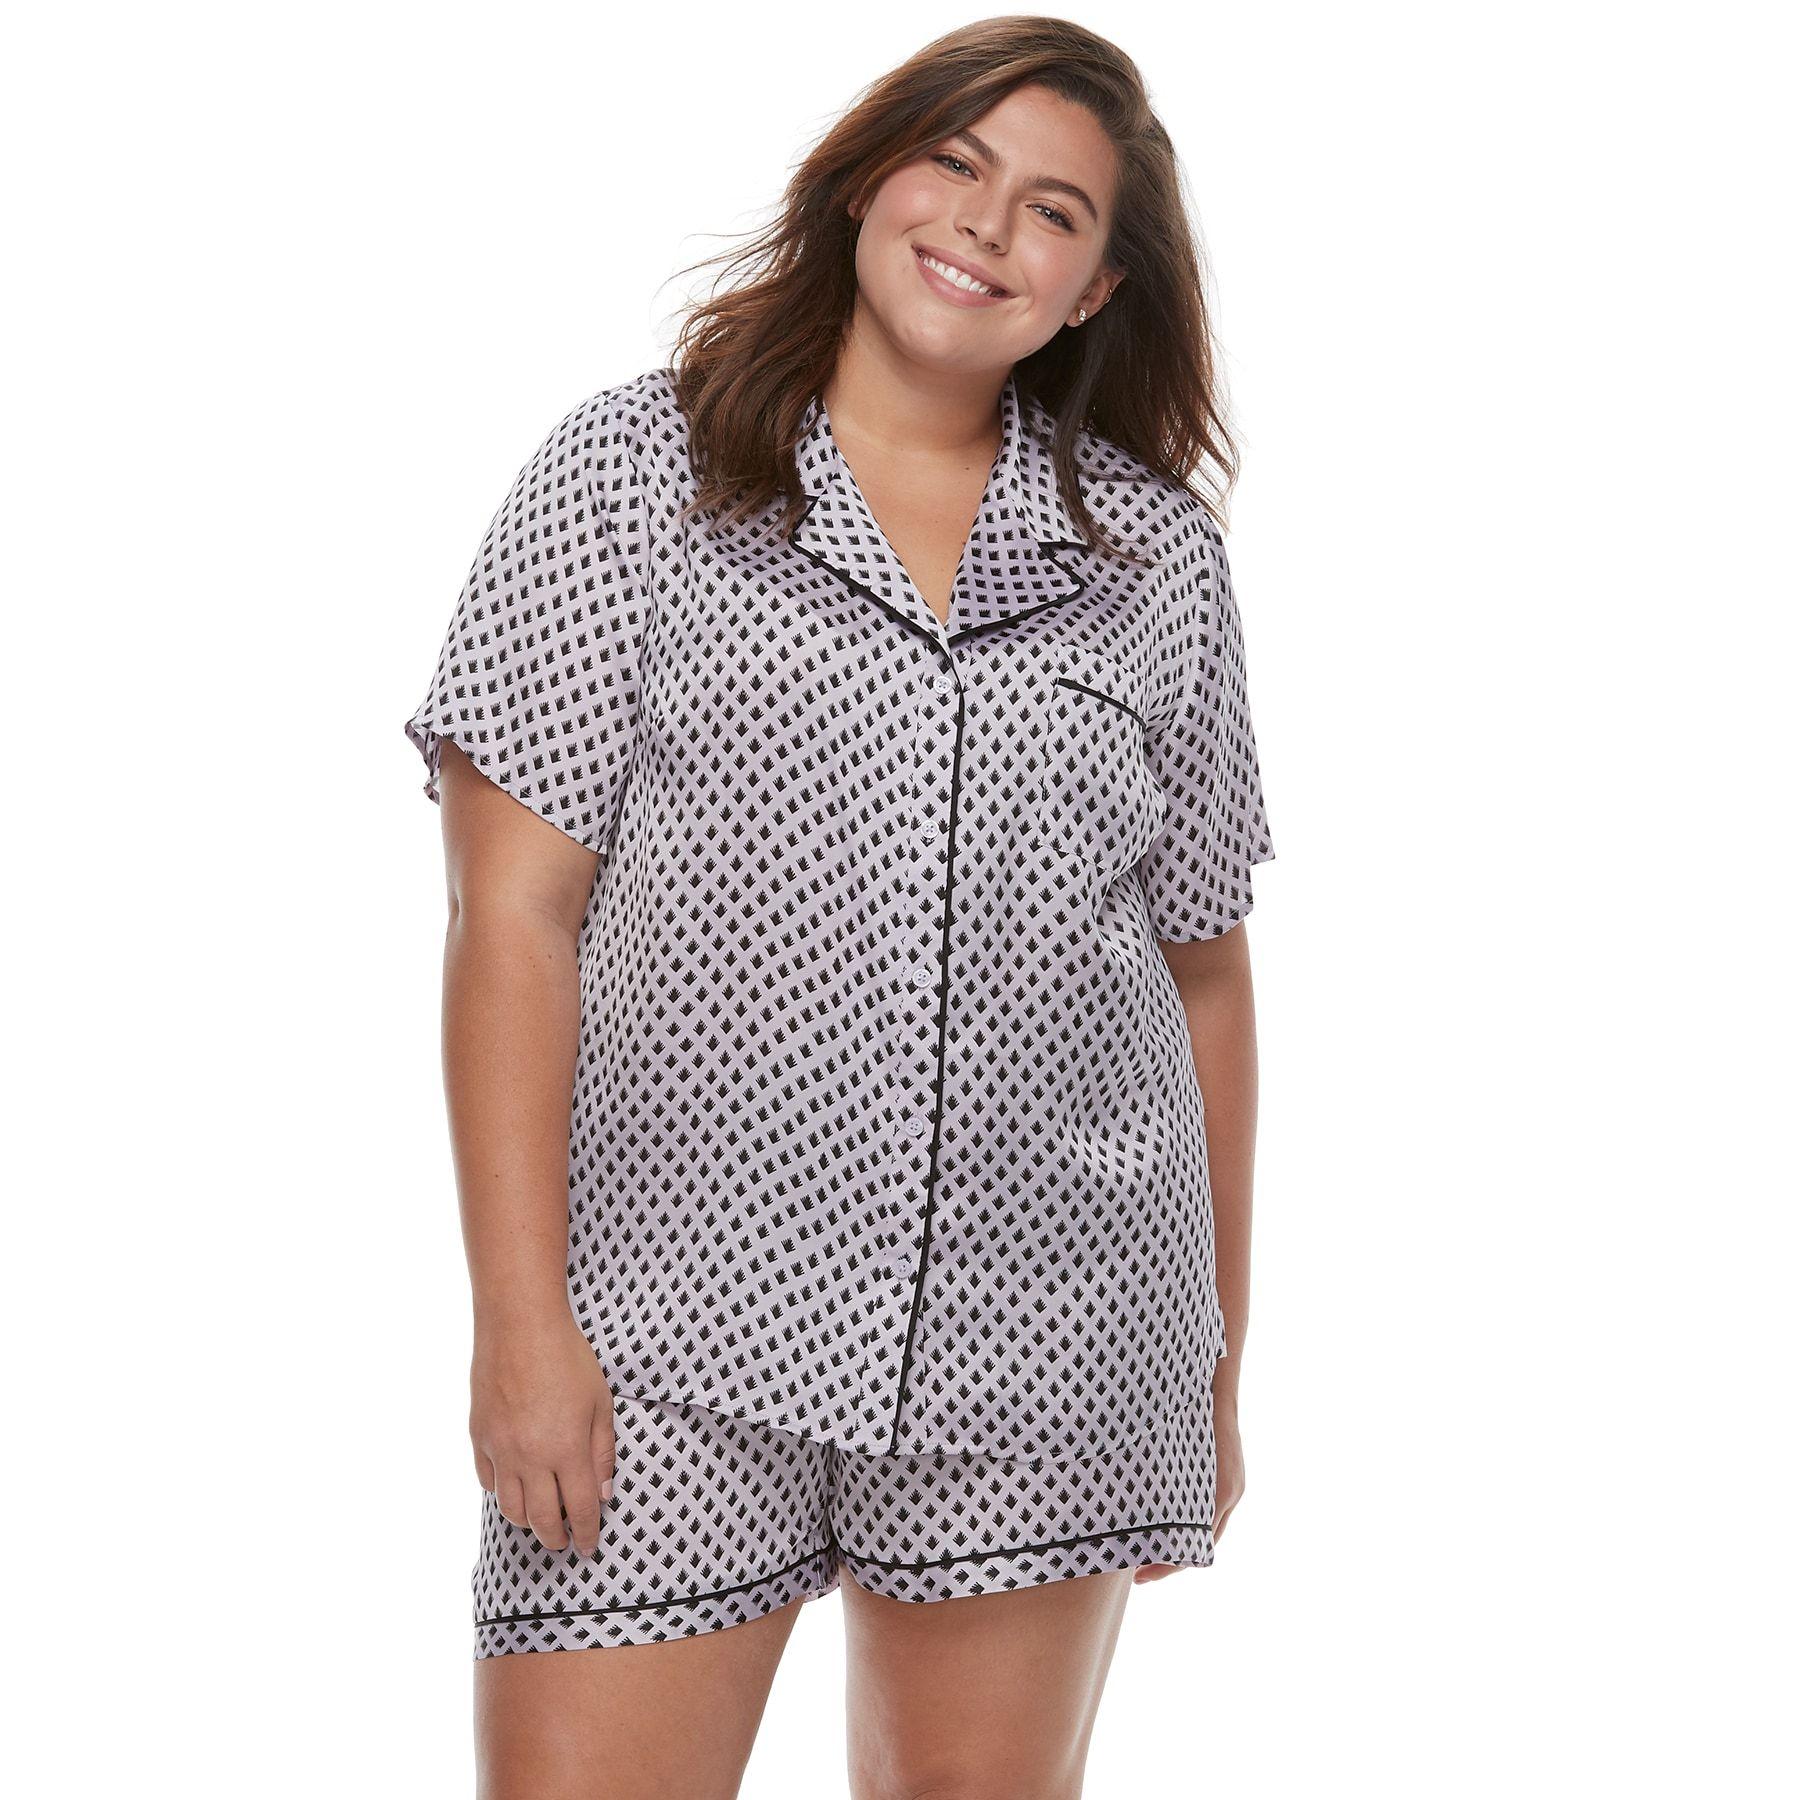 Plus Size Apt. 9  Pajamas  Satin Notch Collar Shirt   Shorts Set ... 759a41b6d